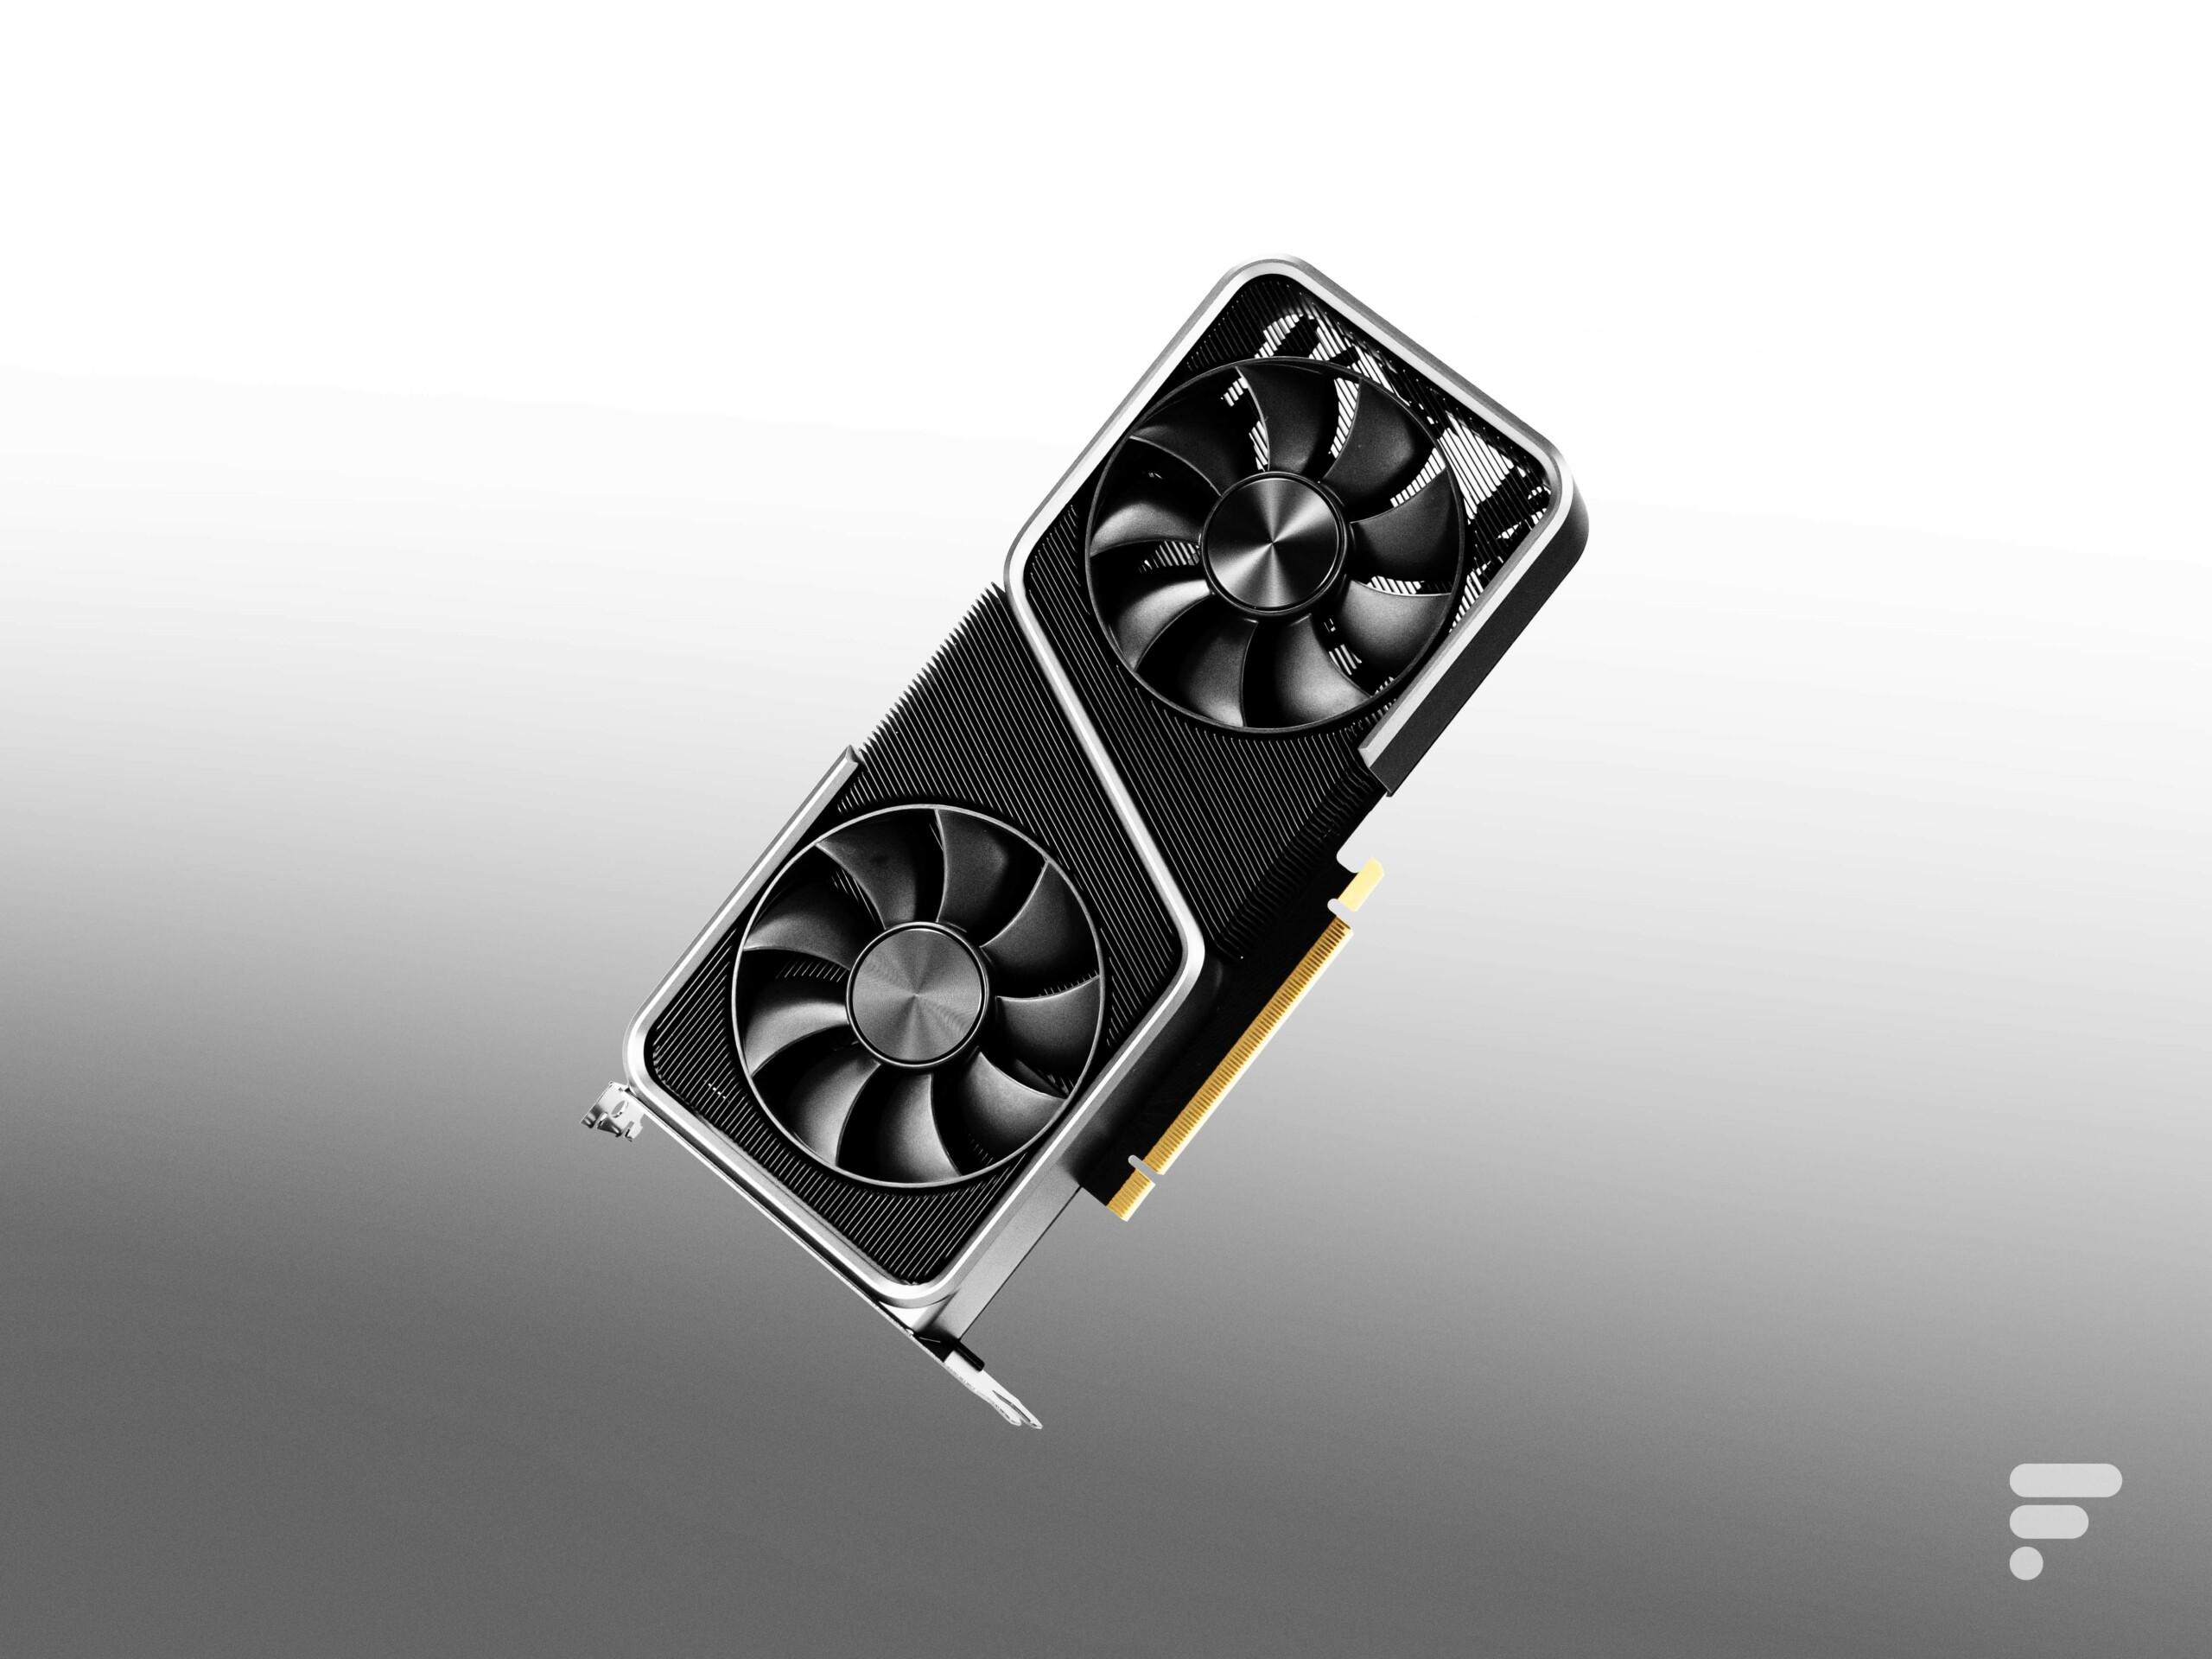 Quelles sont les meilleures cartes graphiques (GPU) Nvidia GeForce RTX et AMD Radeon en 2021 ? - Frandroid